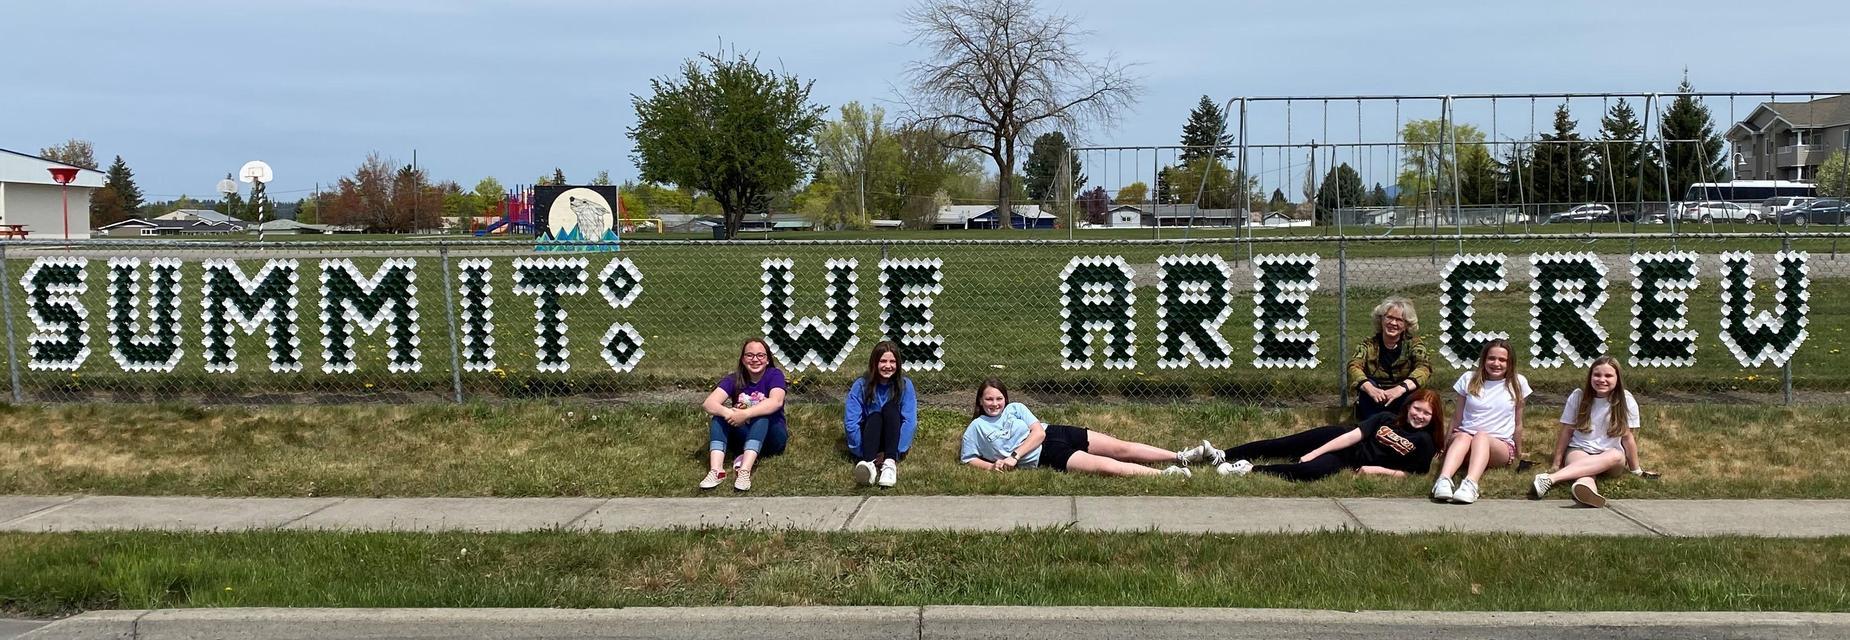 We are CREW!